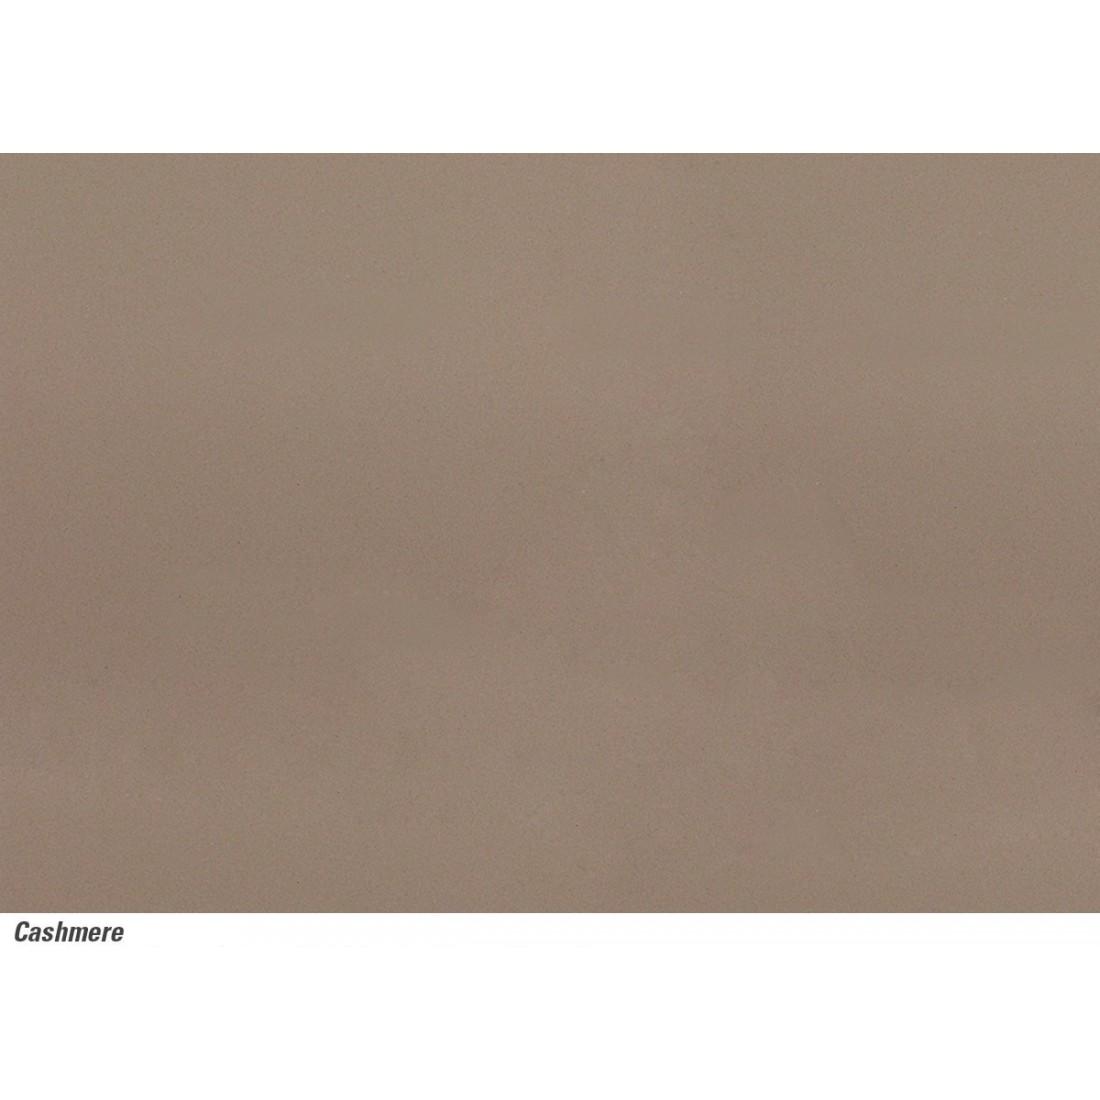 Keraminė plautuvė Franke Mythos, MTK 610-58, Cashmere, 2 išgręžtos skylės